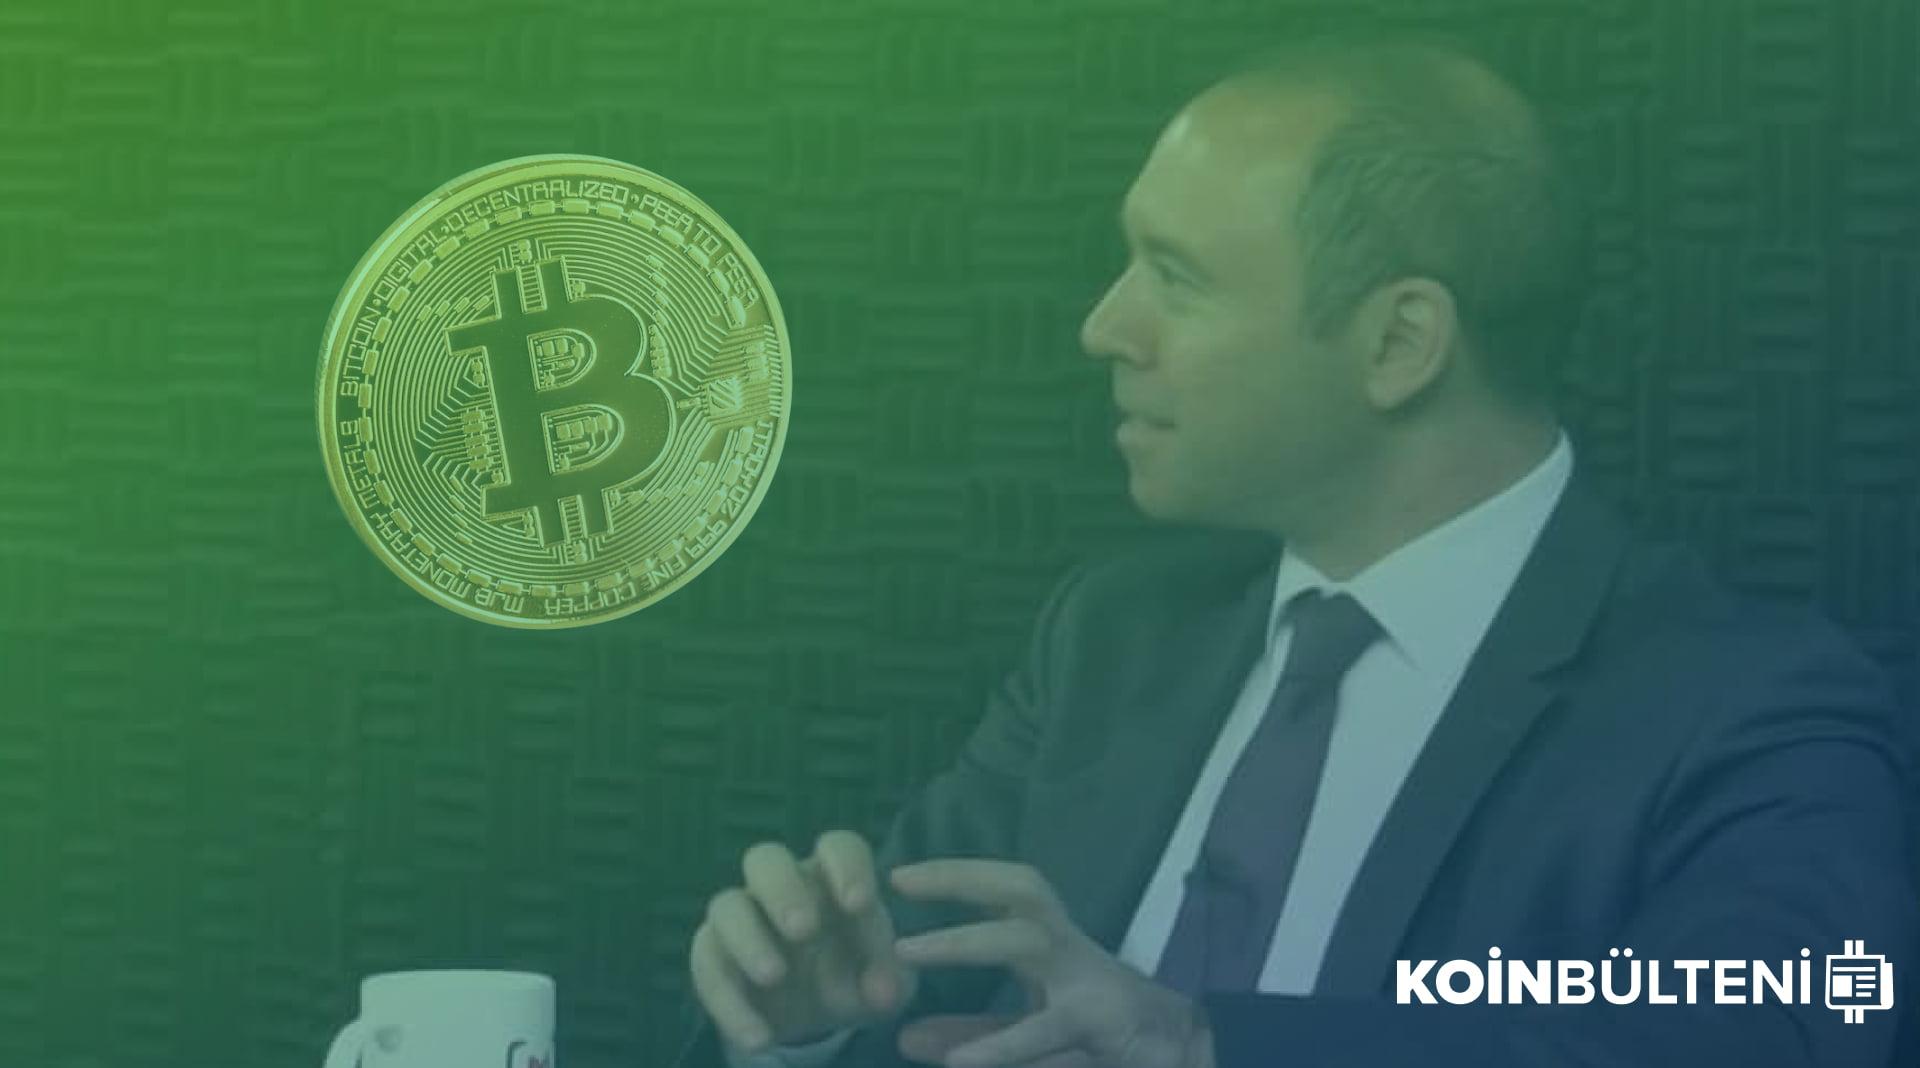 sant-manukyan-bitcoin